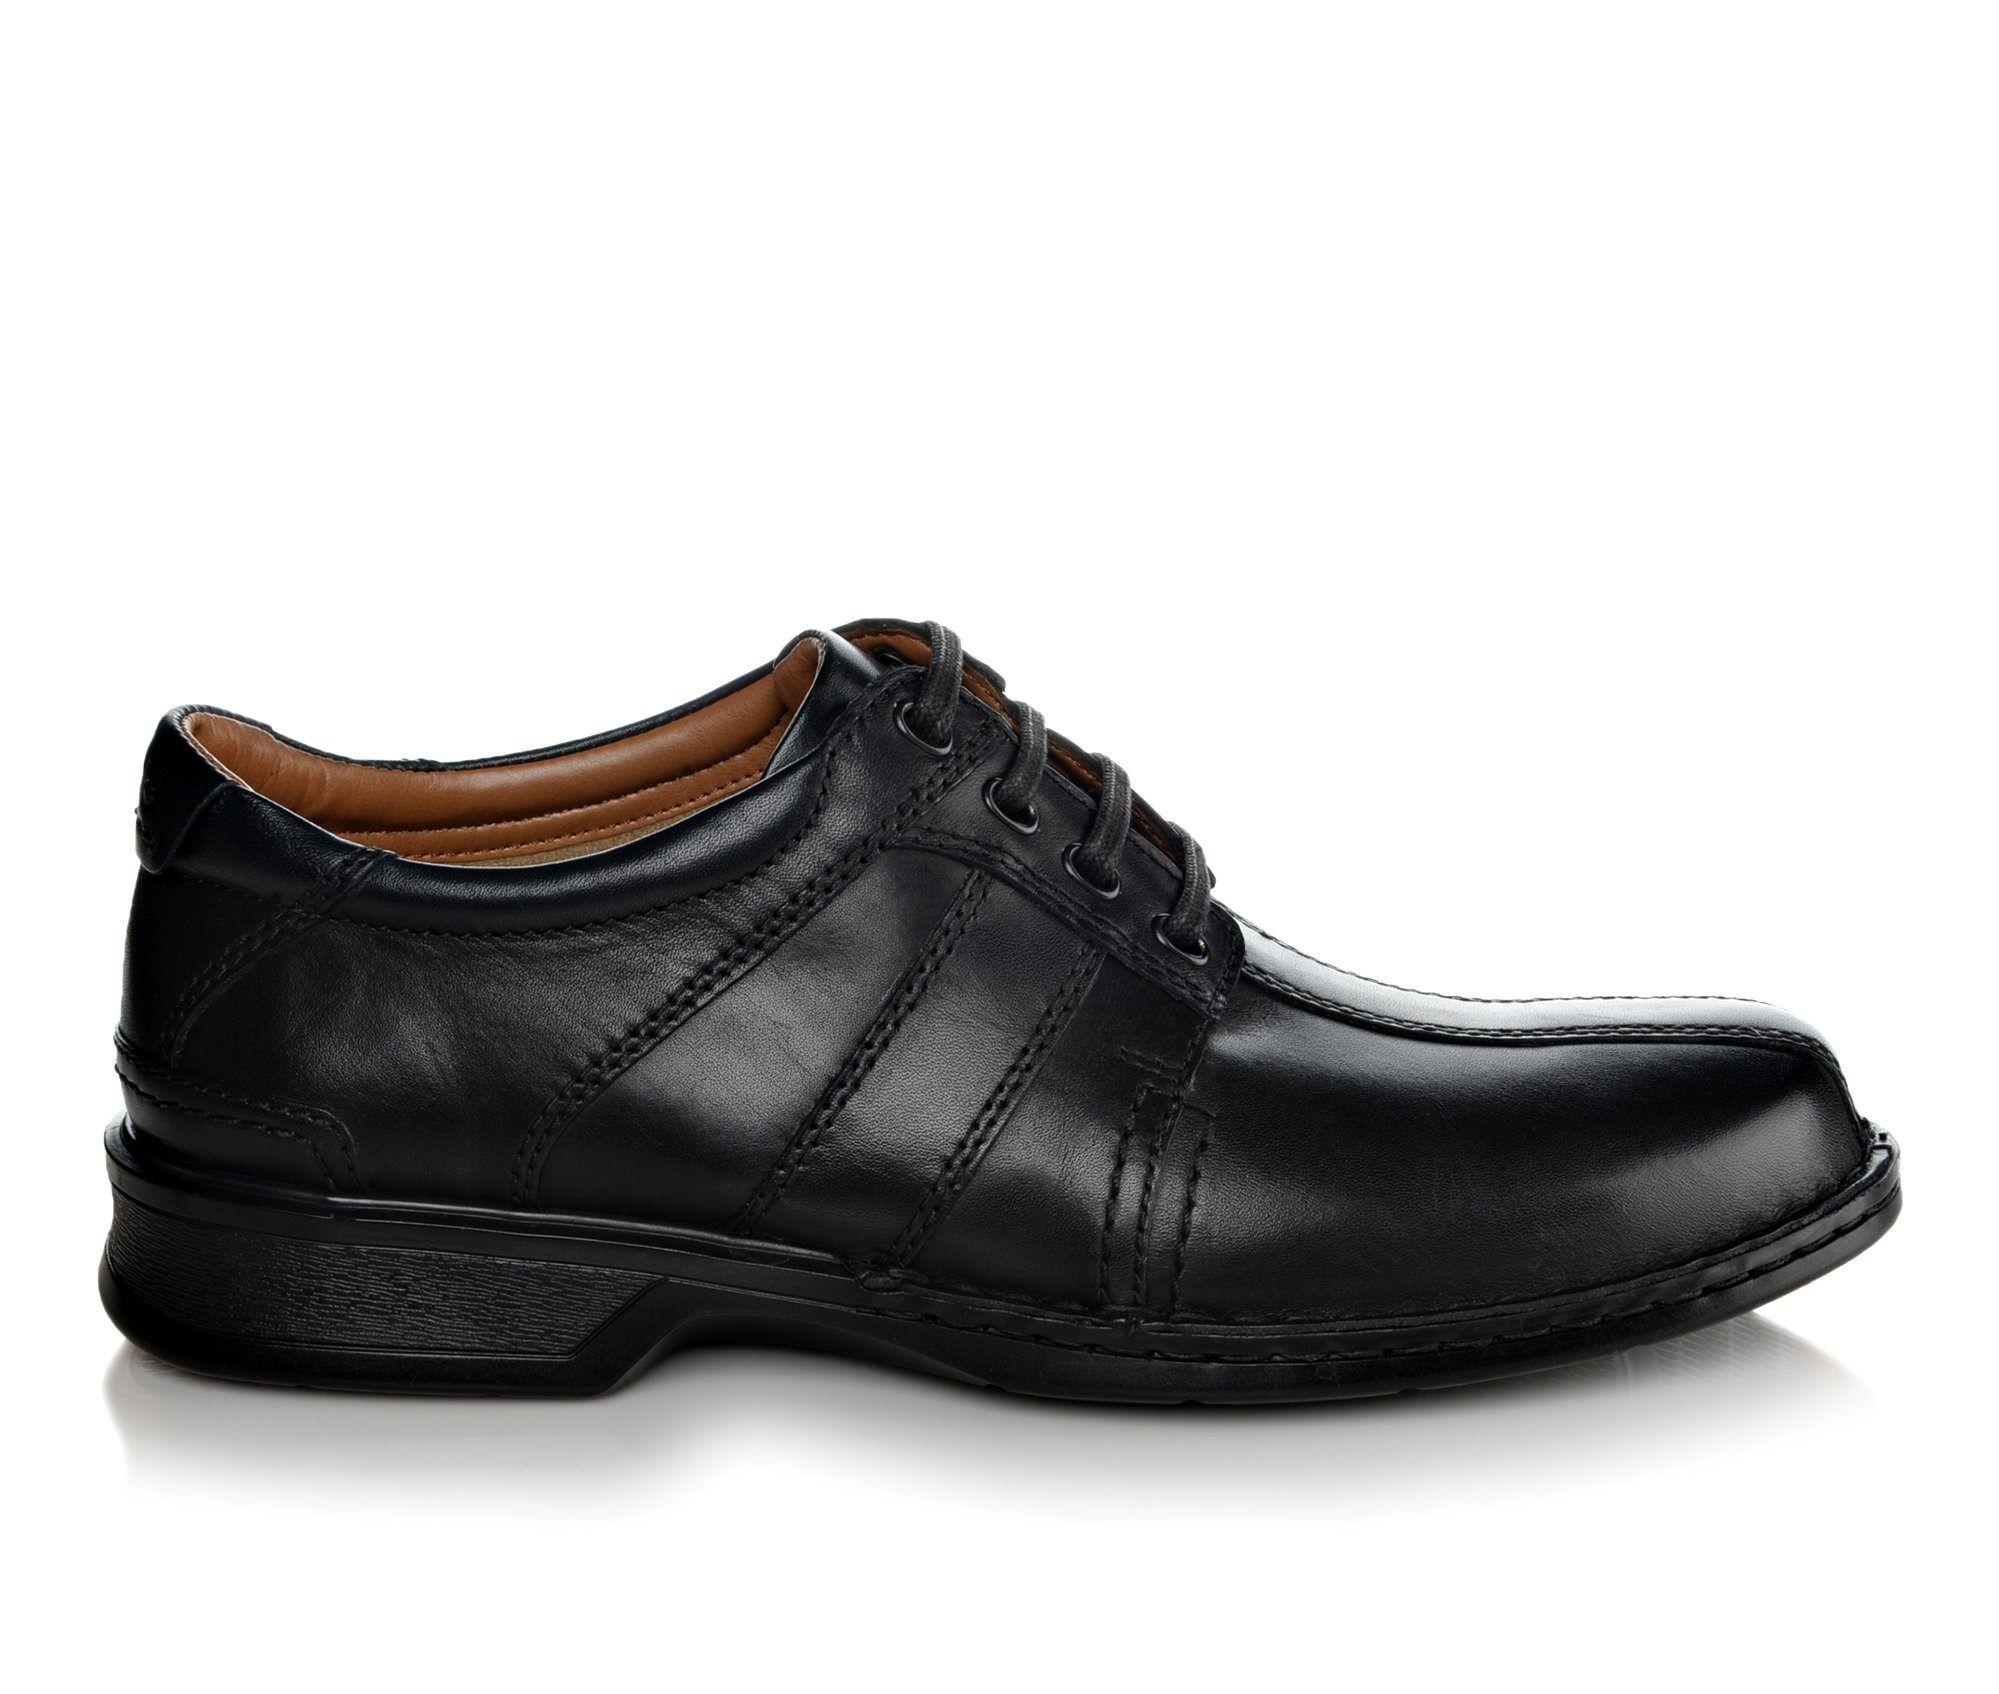 Men's Clarks Touareg Vibe Oxfords Black